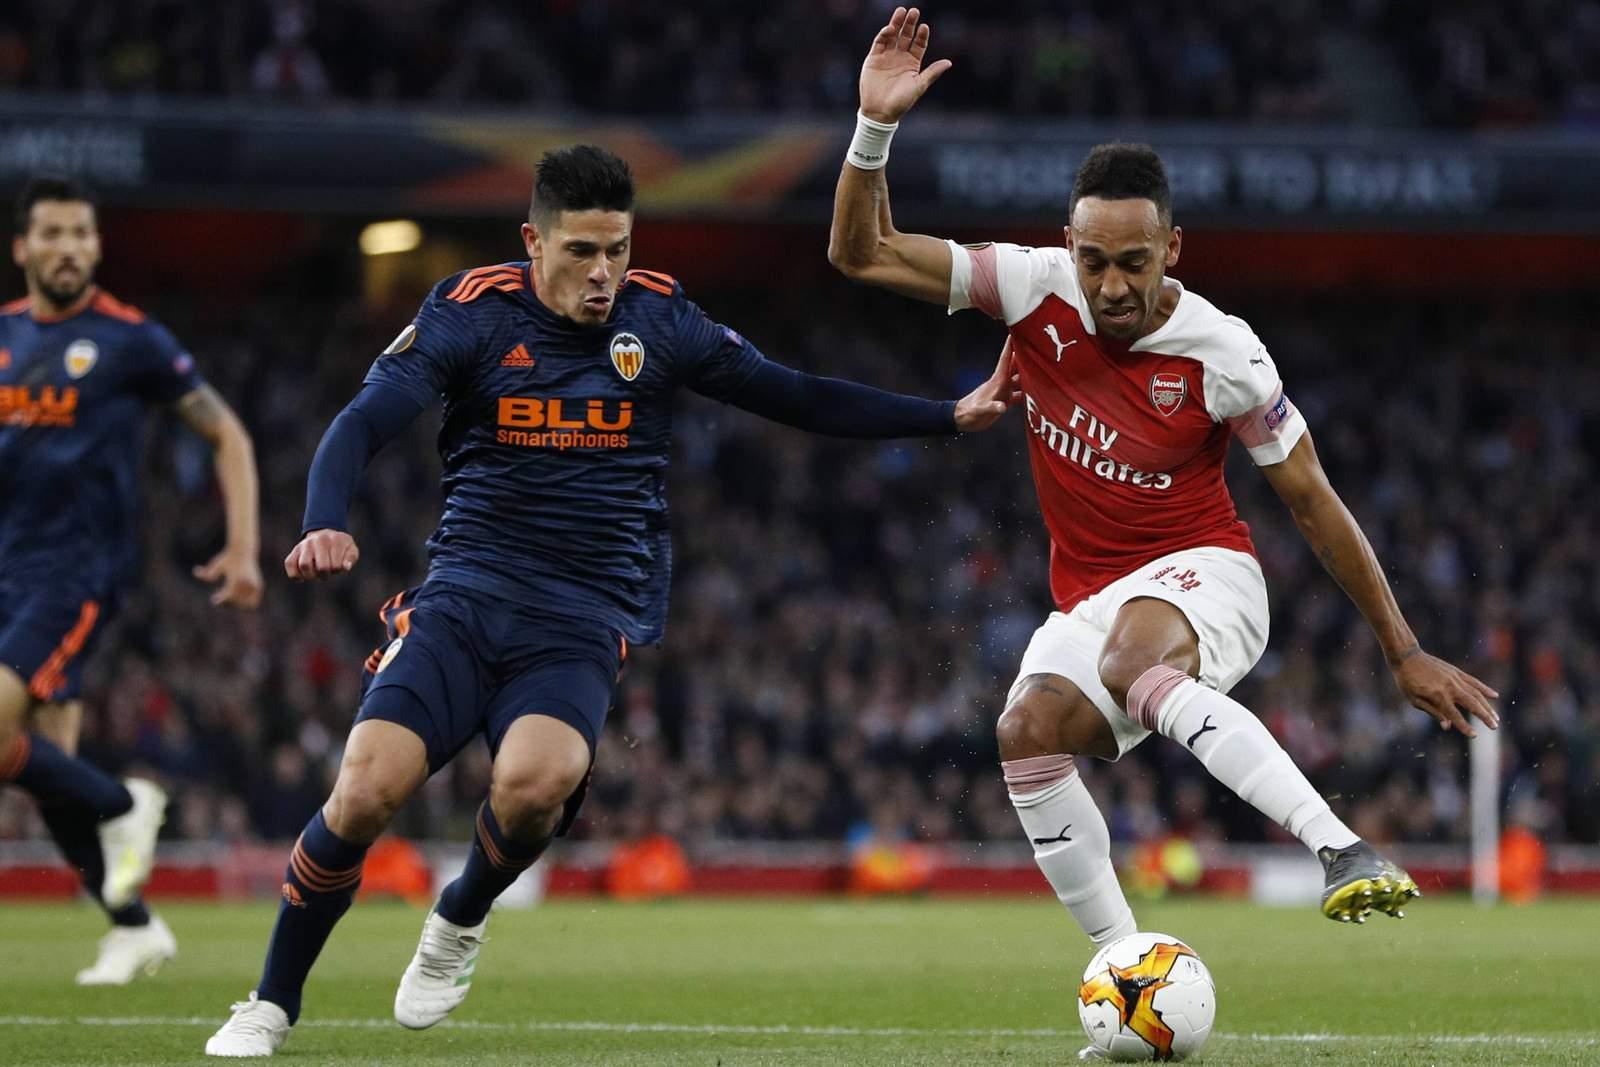 Kann Pierre-Emerick Aubameyang mit Arsenal den Finaleinzug perfekt machen? Jetzt auf Valencia vs Arsenal wetten!